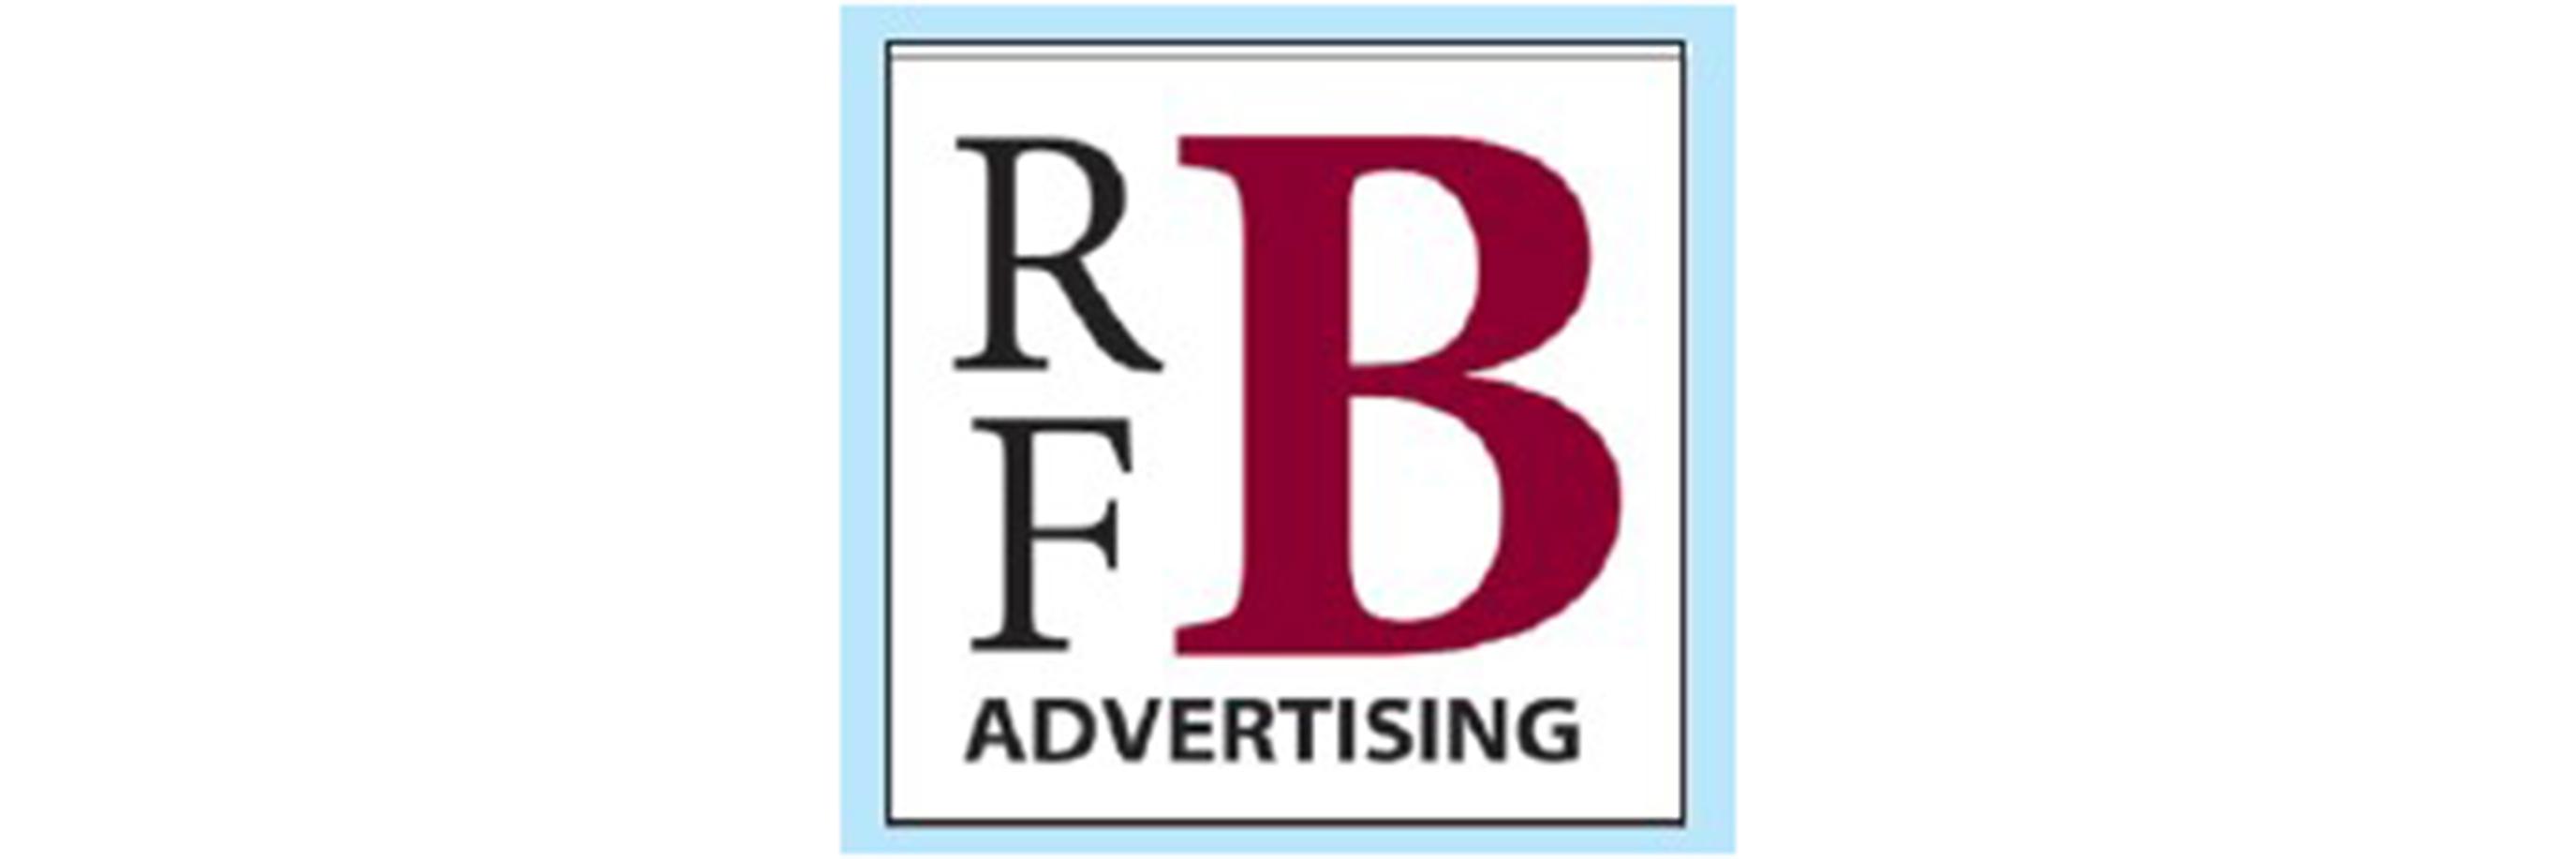 RFB Advertising